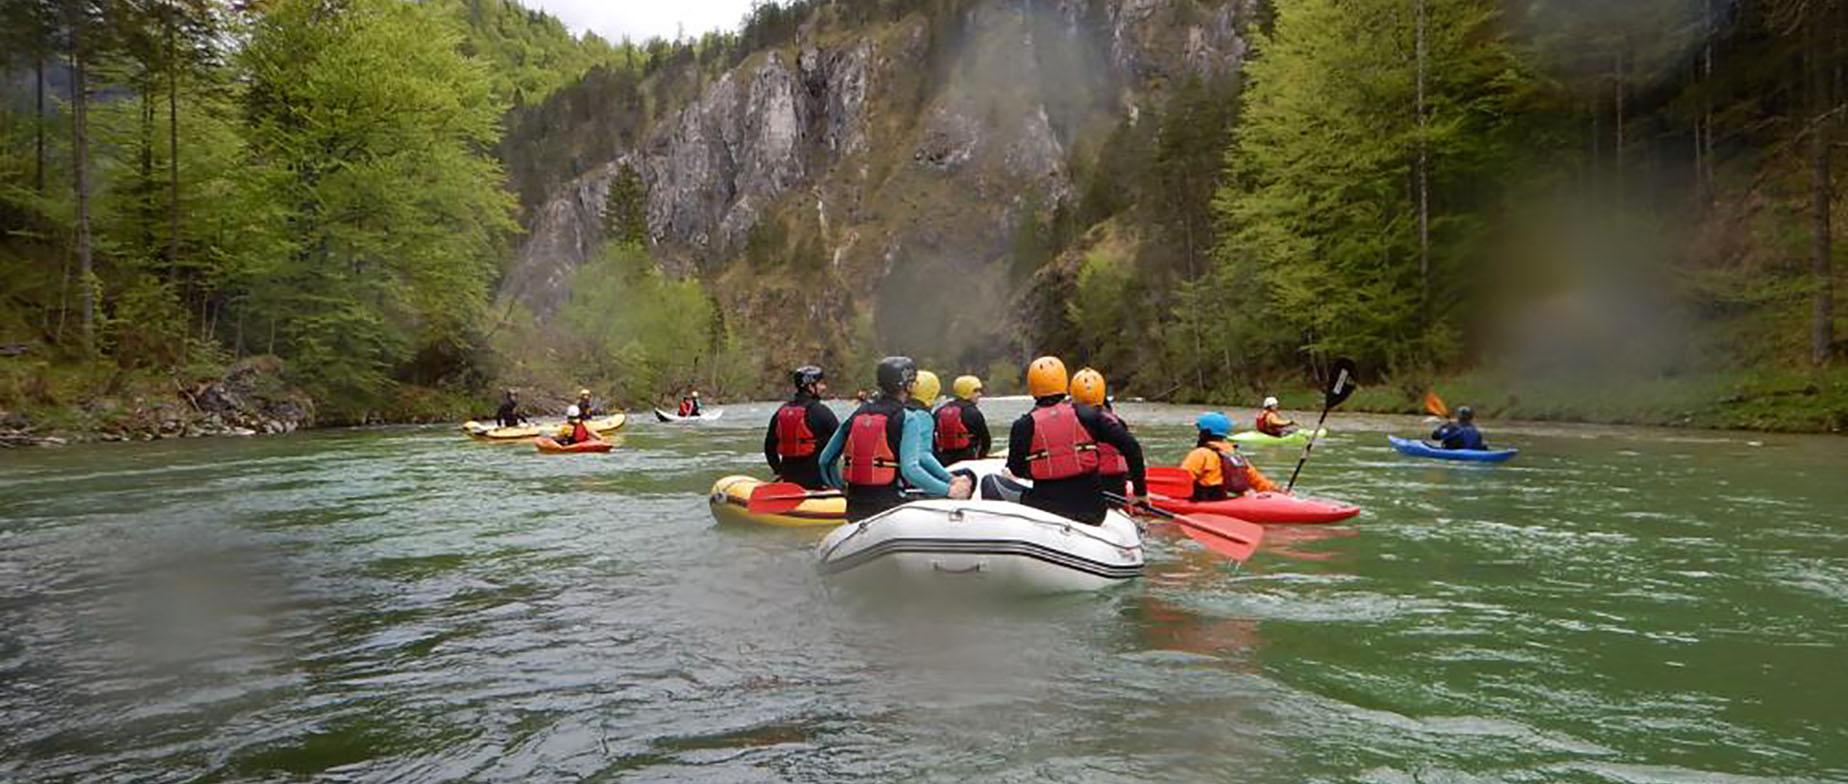 Rafting túra Ausztriában a Salza folyón